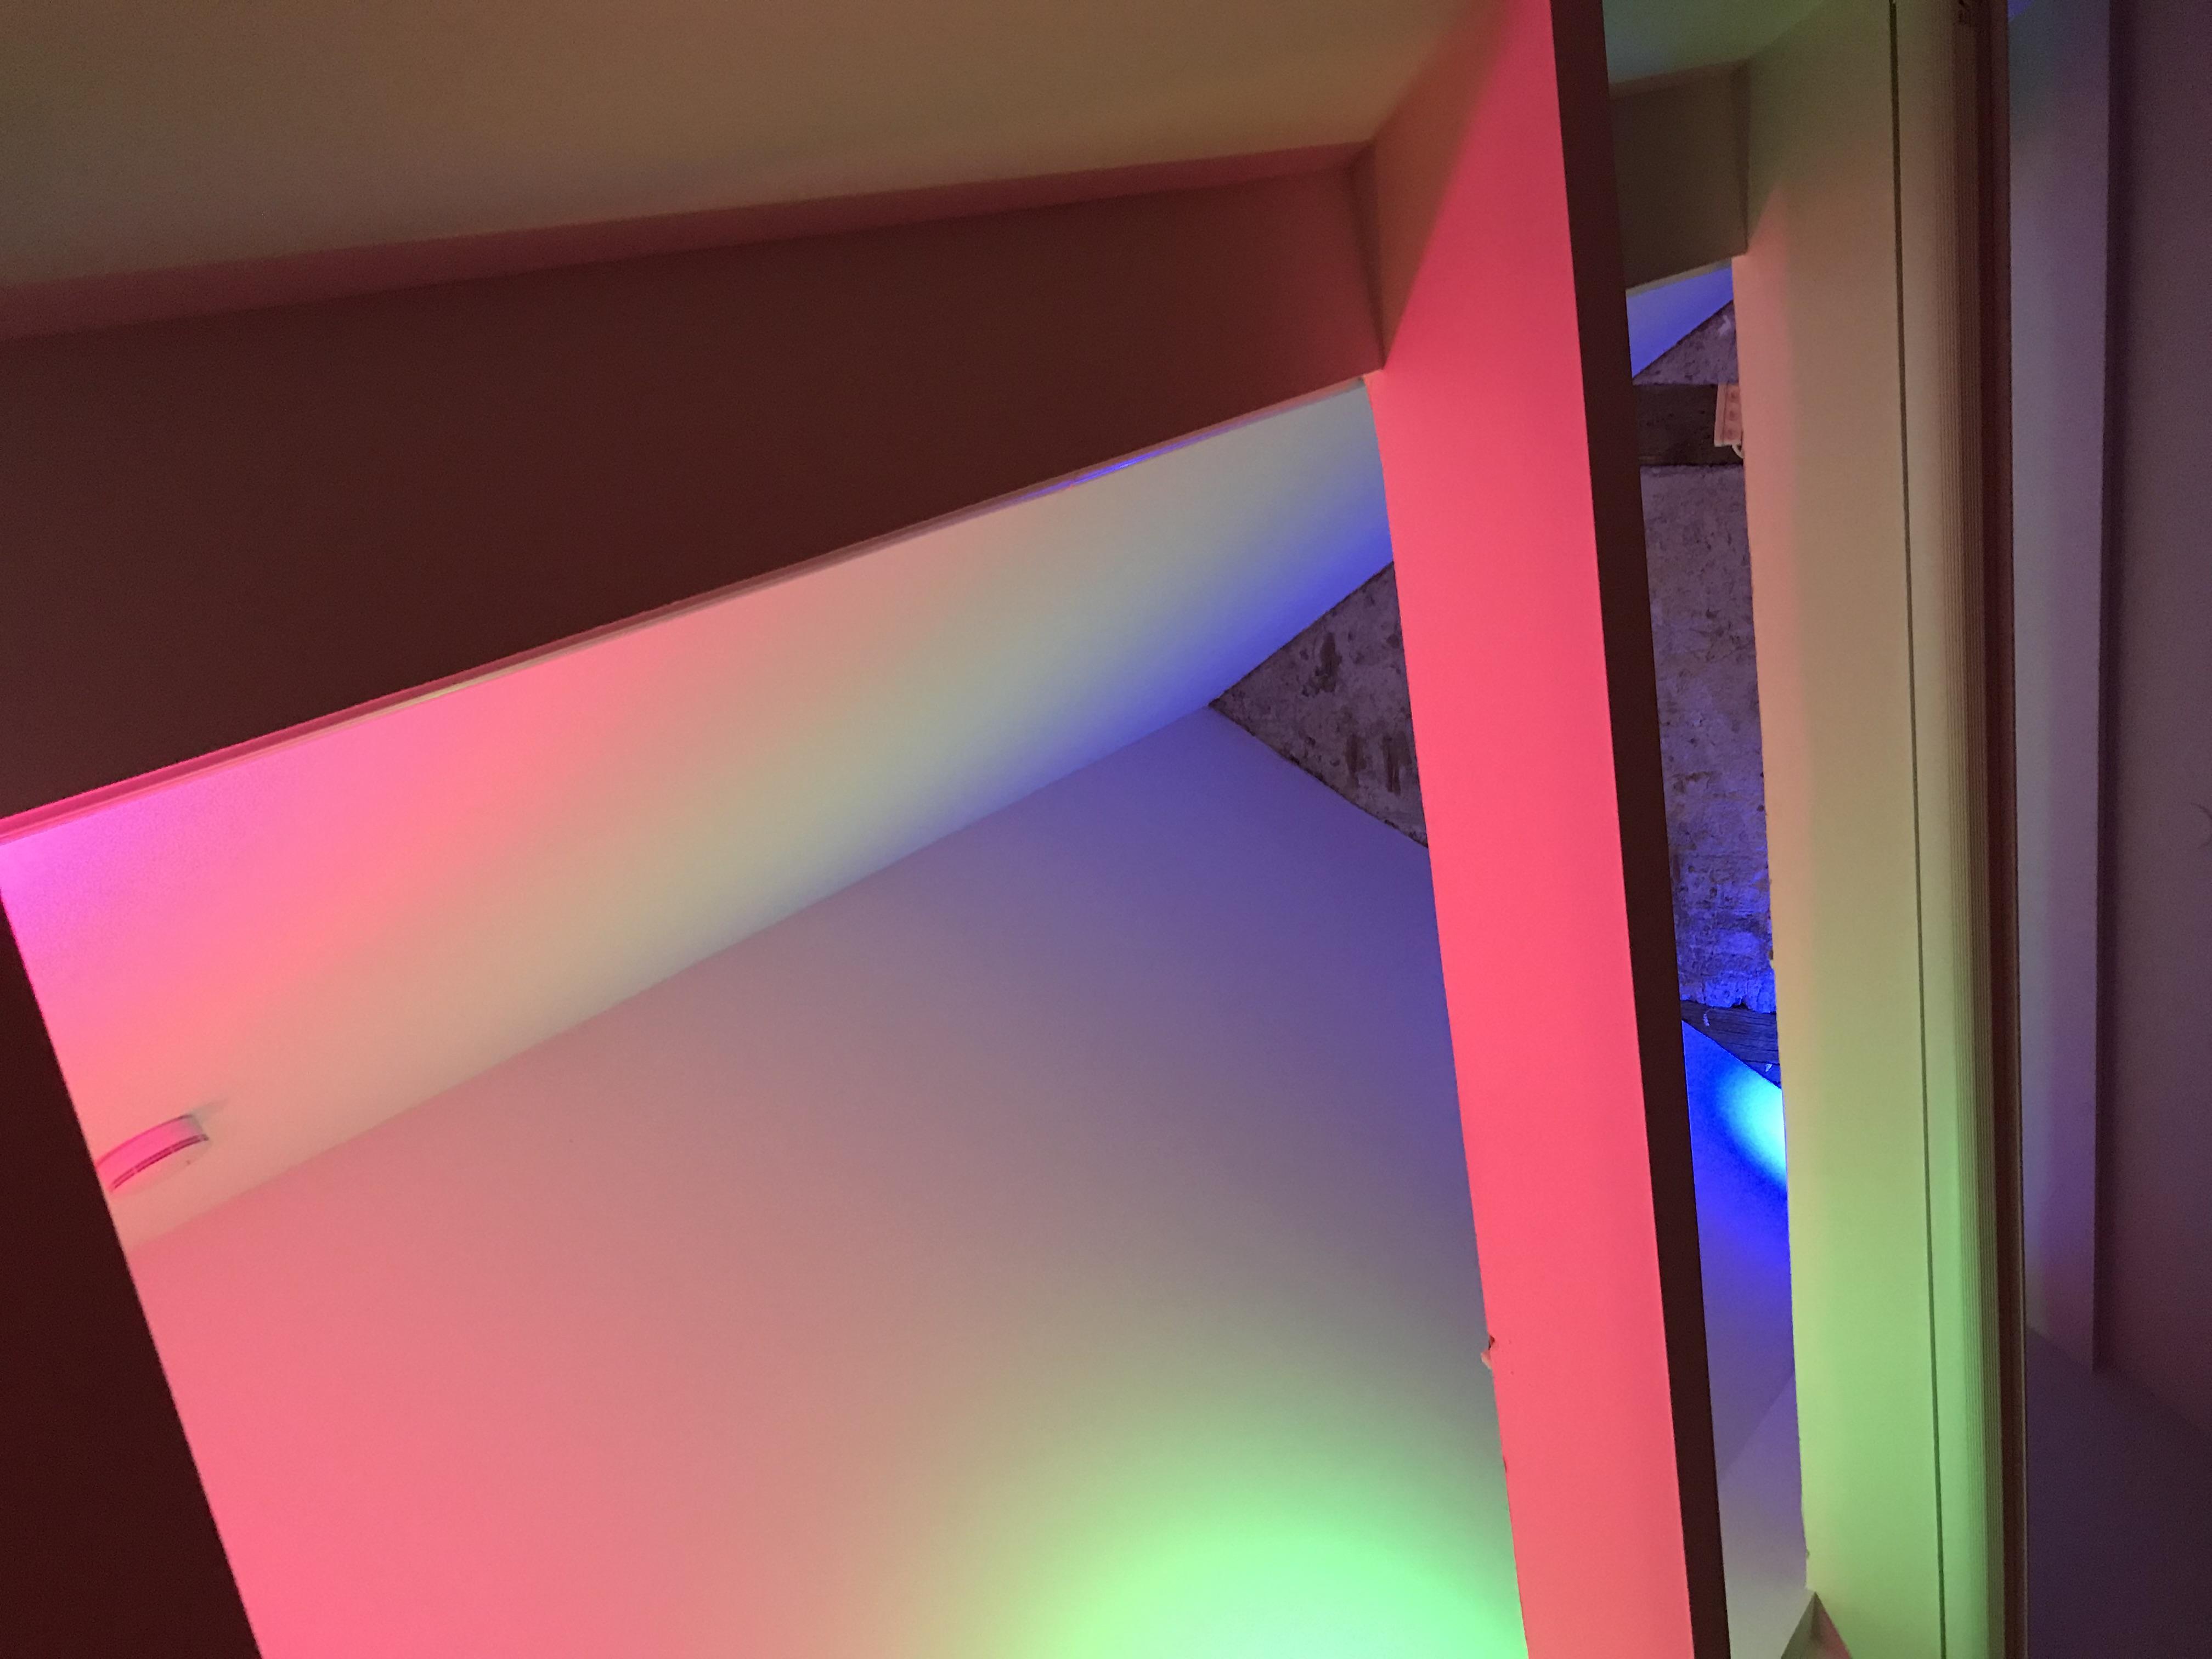 Smart Home Licht Per App Steuern Erfahrungsbericht